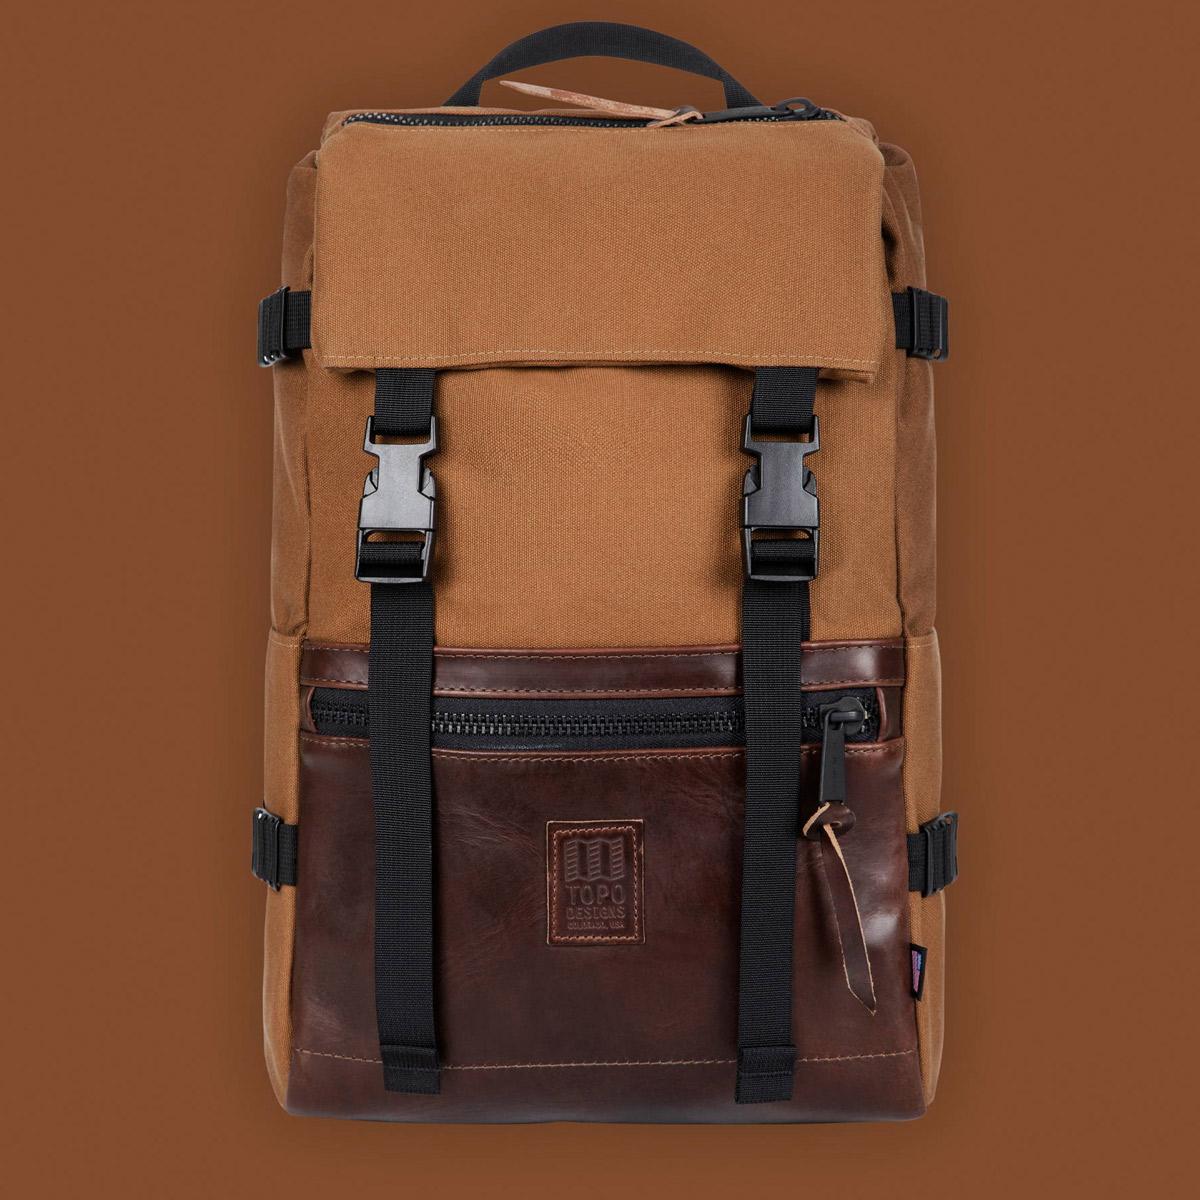 Topo Designs Rover Pack Heritage Dark Khaki Canvas/Brown Leather, der ideale Rucksack für den täglichen Gebrauch